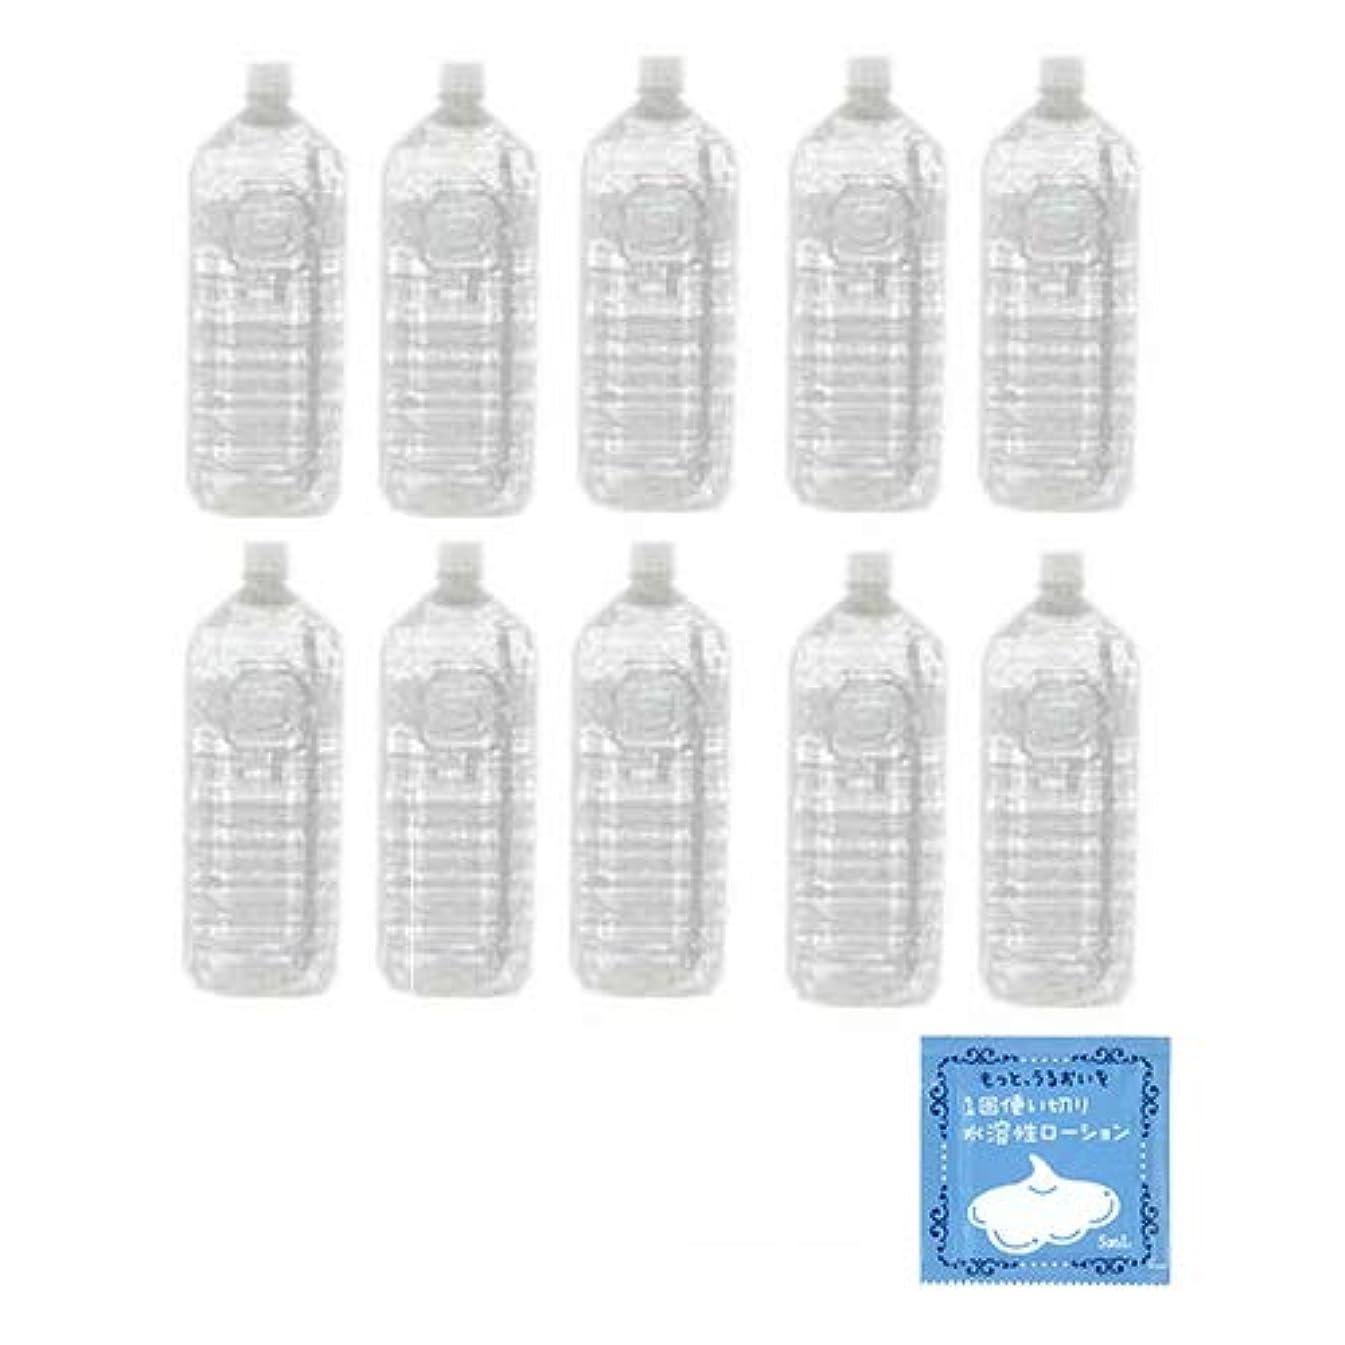 兵隊死ぬ薬クリアローション 2Lペットボトル ハードタイプ(5倍濃縮原液) × 10本セット+ 1回使い切り水溶性潤滑ローション